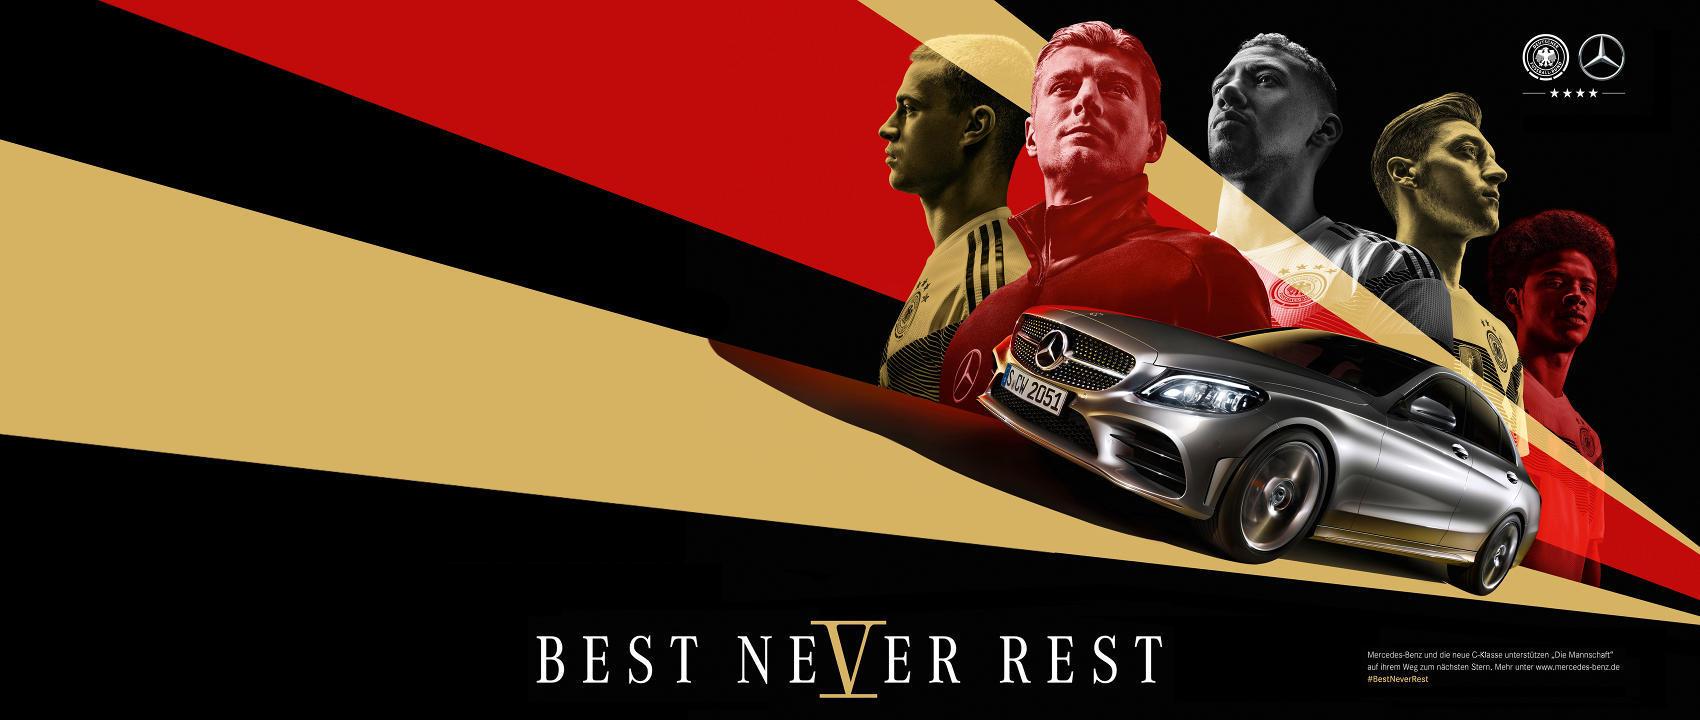 Mercedes-Benz готовит кампанию  к Чемпионату мира по футболу-2018